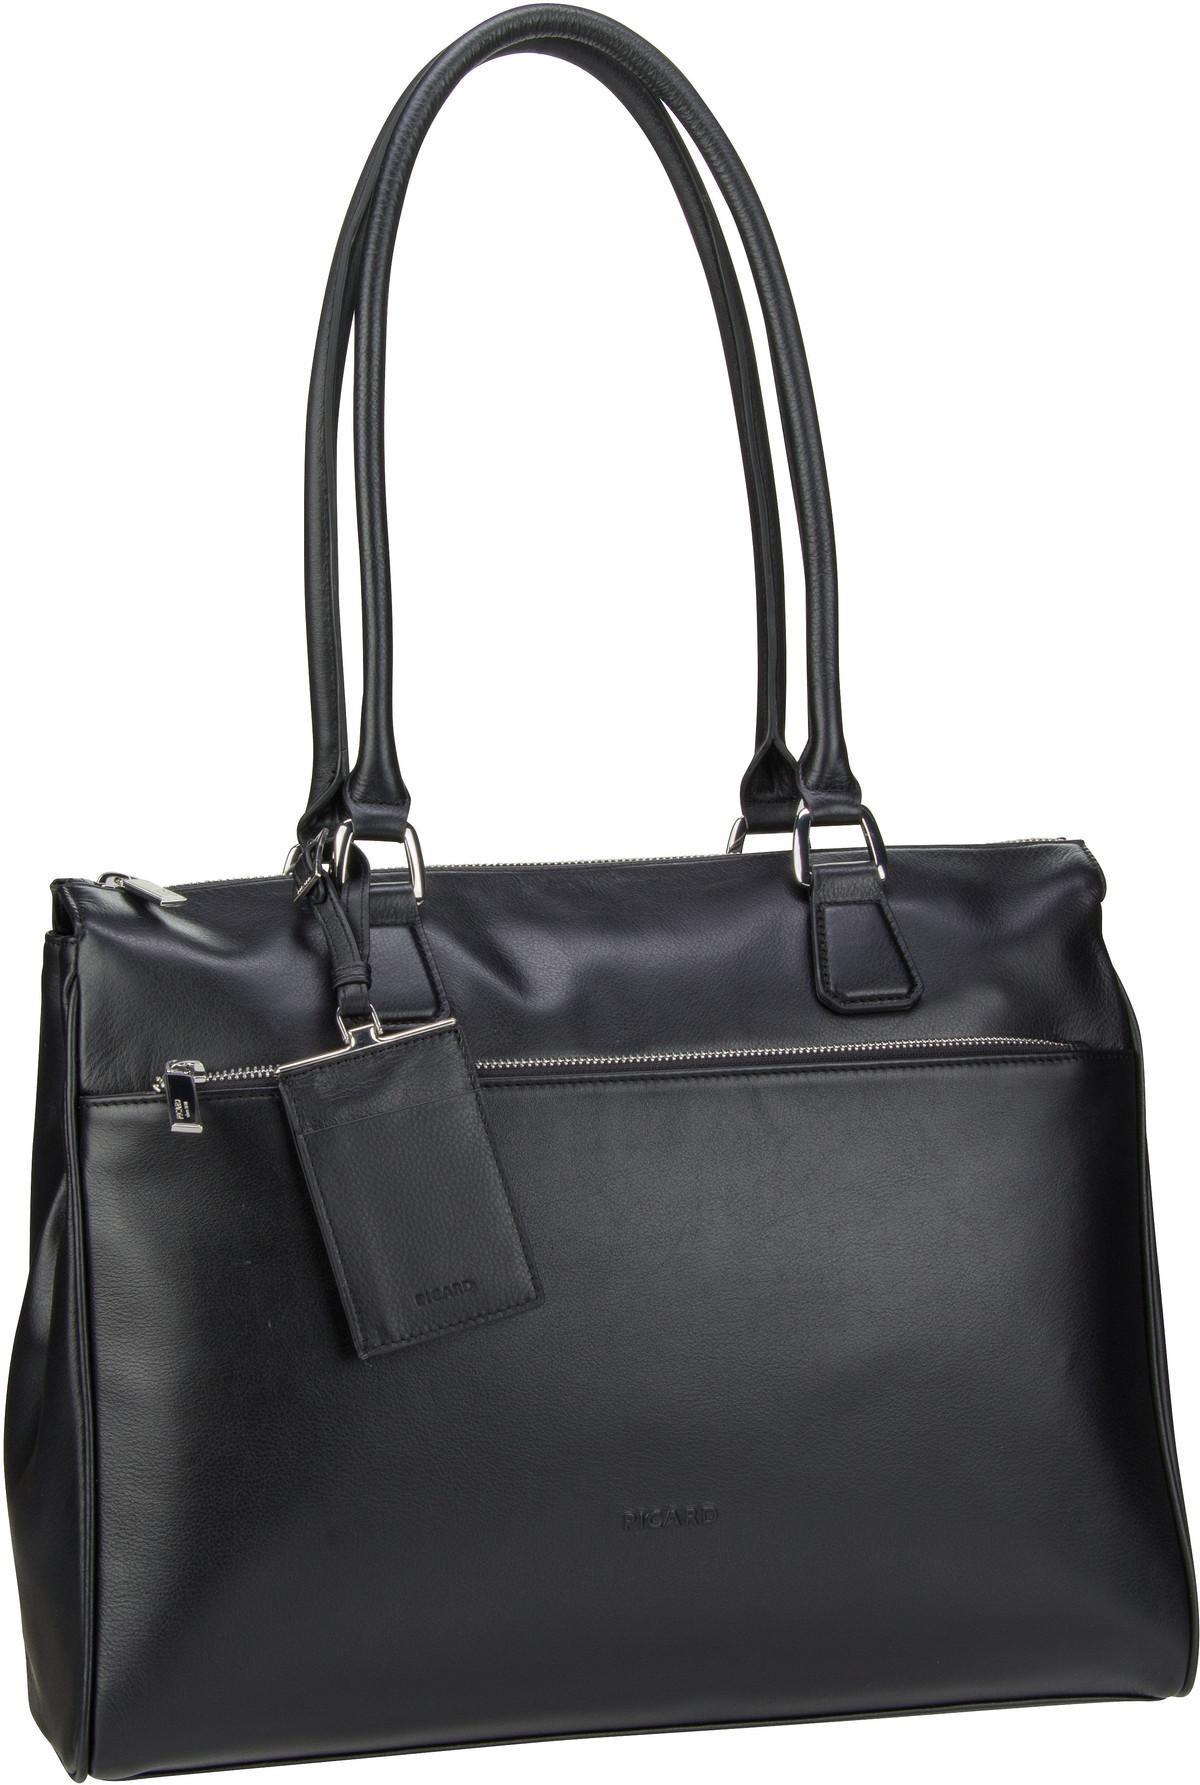 Handtasche Maggie 9557 Schwarz